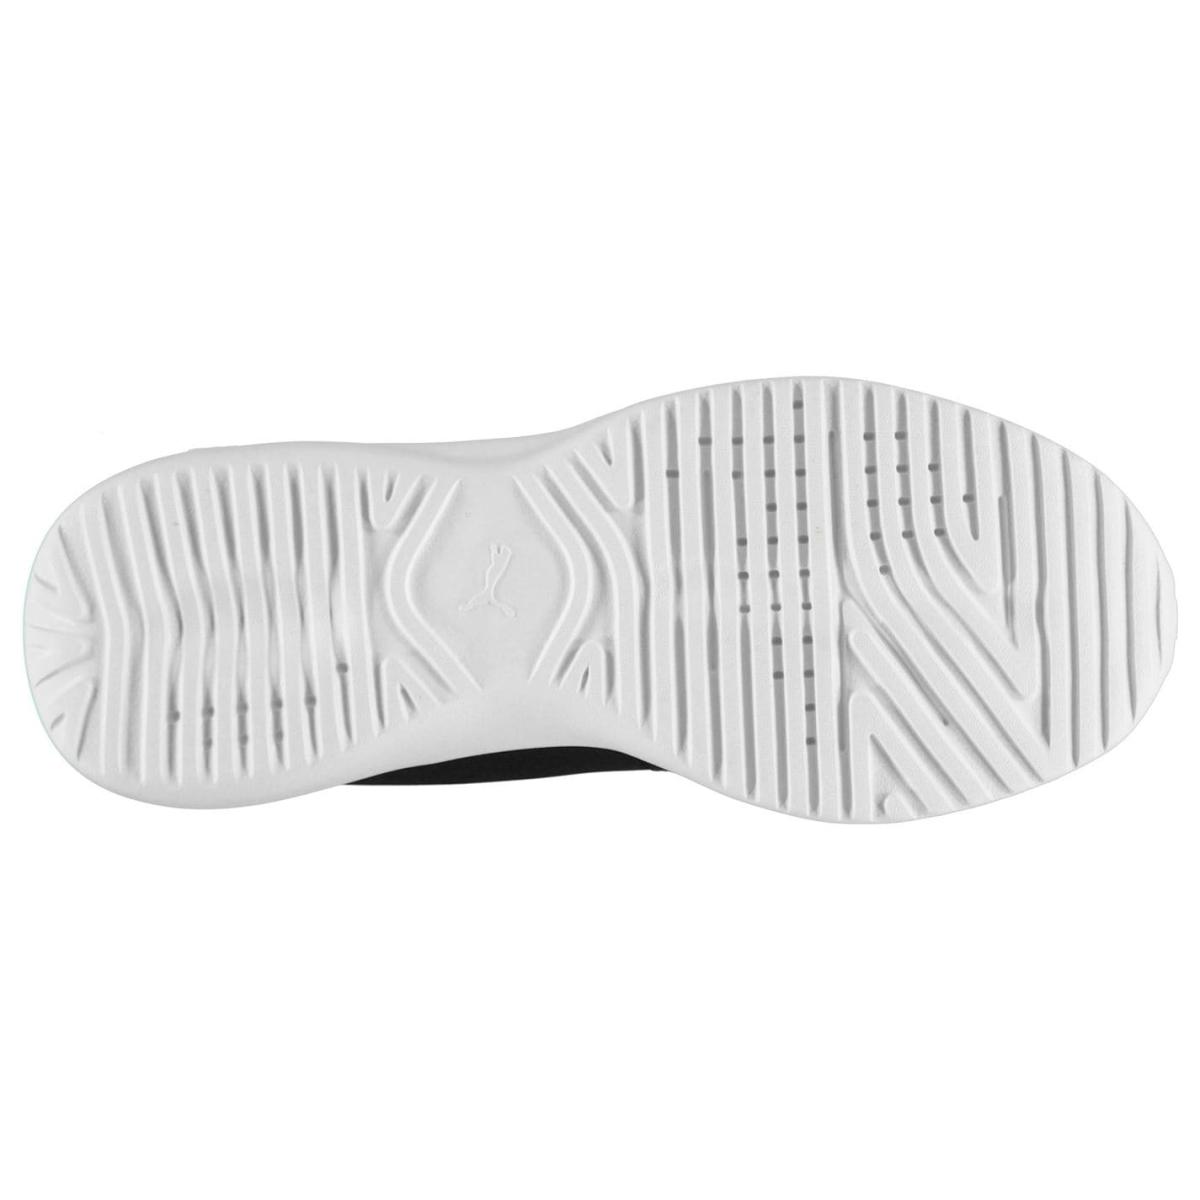 Puma-Adelina-Turnschuhe-Damen-Sneaker-Sportschuhe-Laufschuhe-5911 Indexbild 6